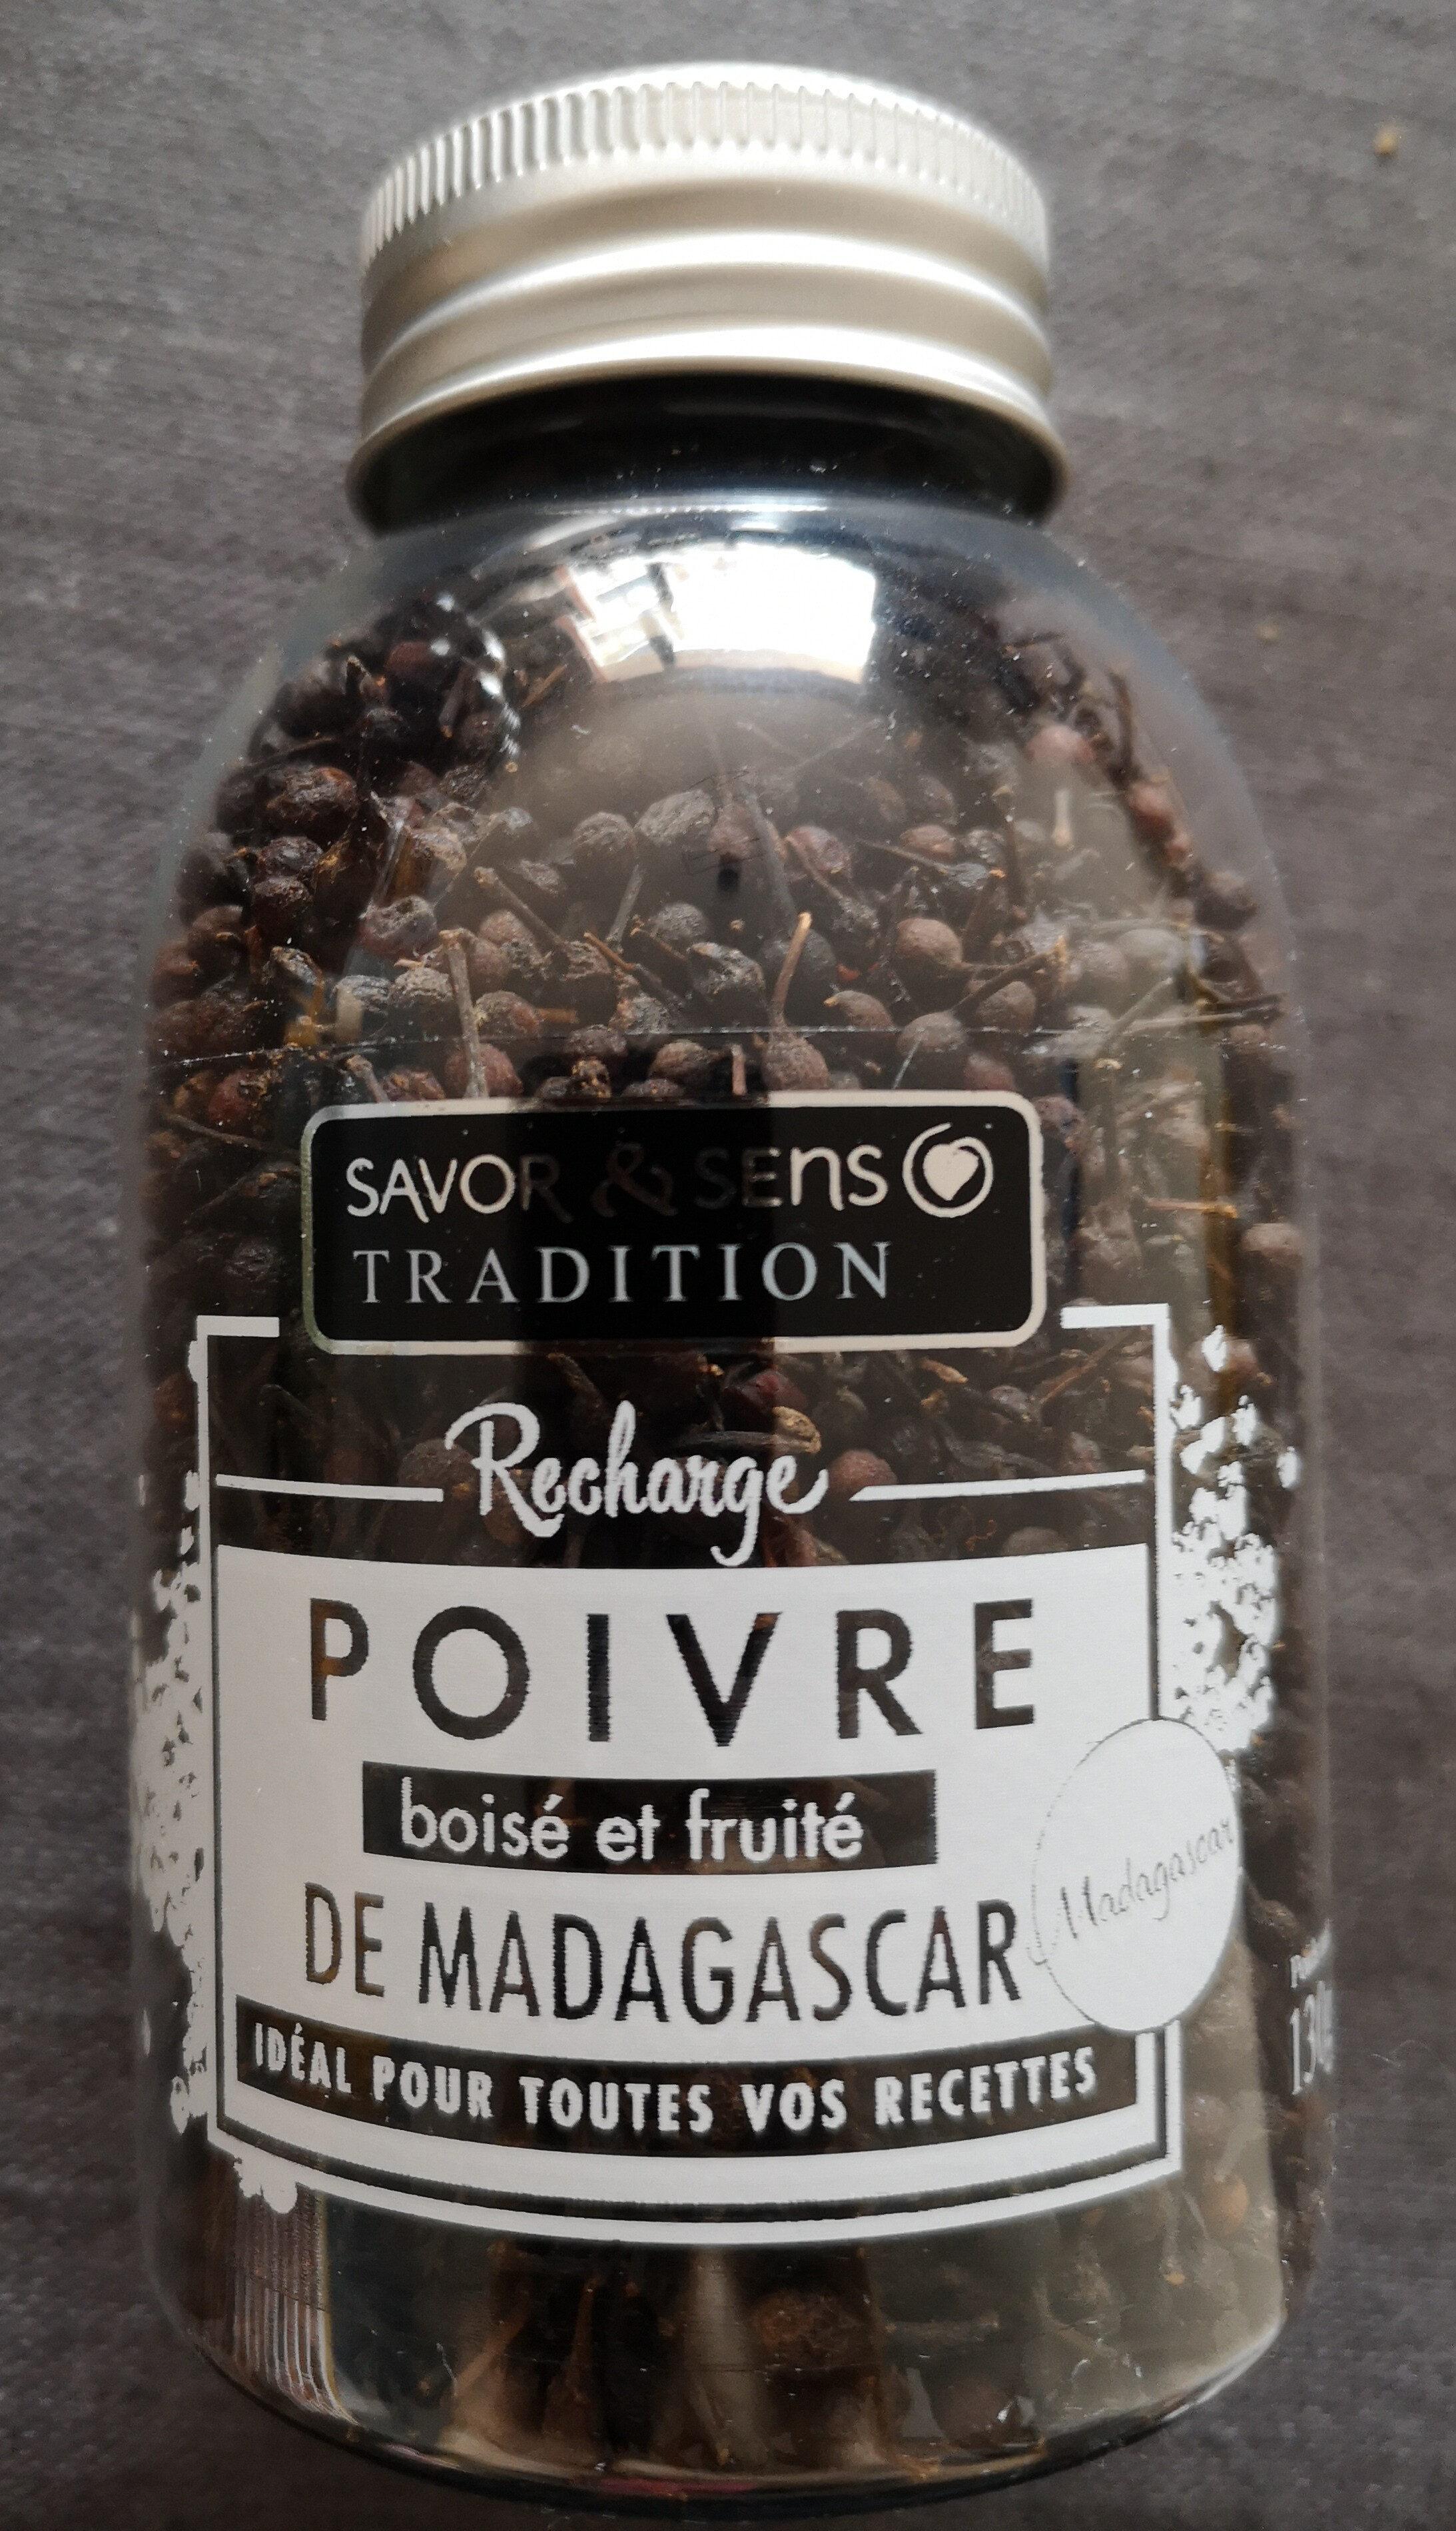 Poivre de Madagascar - Product - fr